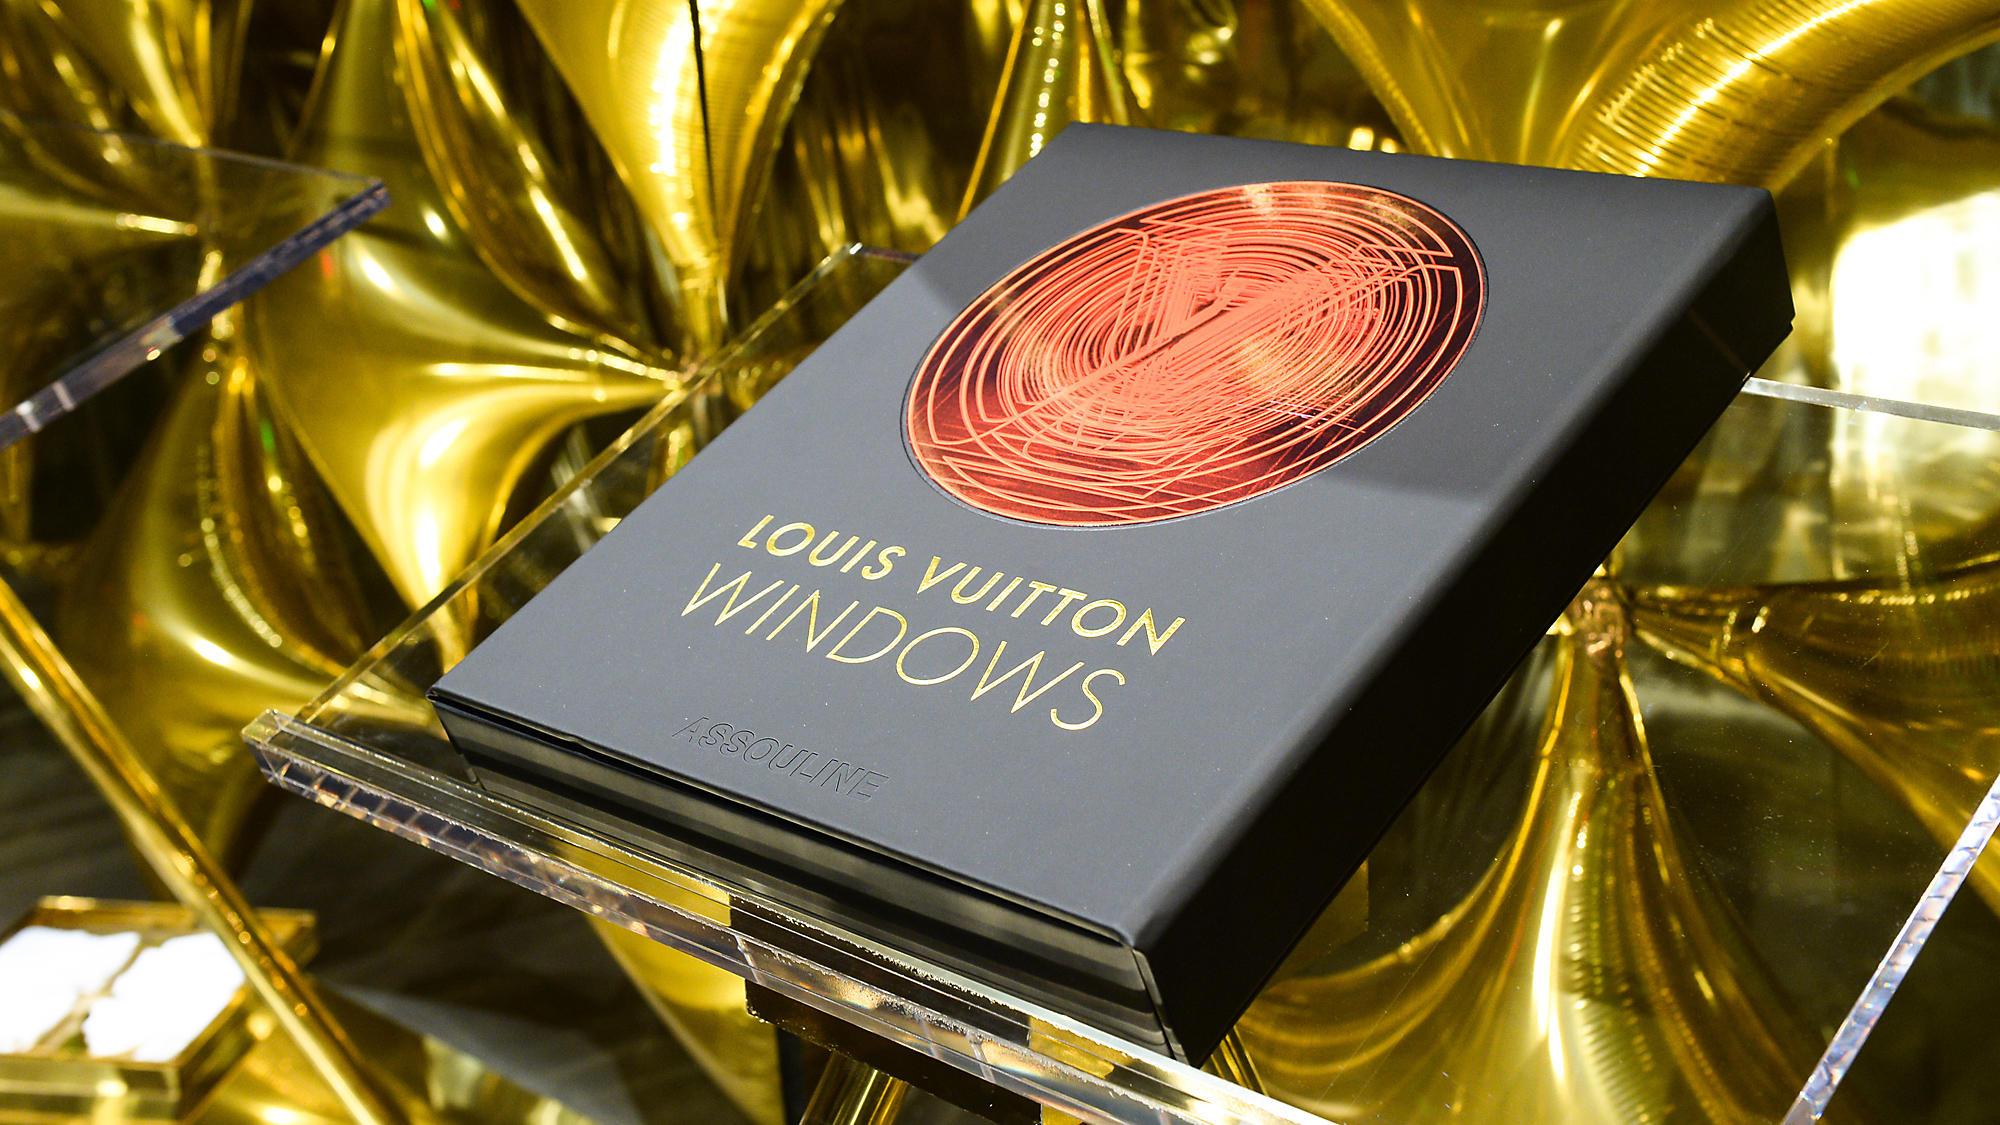 Louis Vuitton Windows, el libro de los escaparates Louis Vuitton editado por Assouline